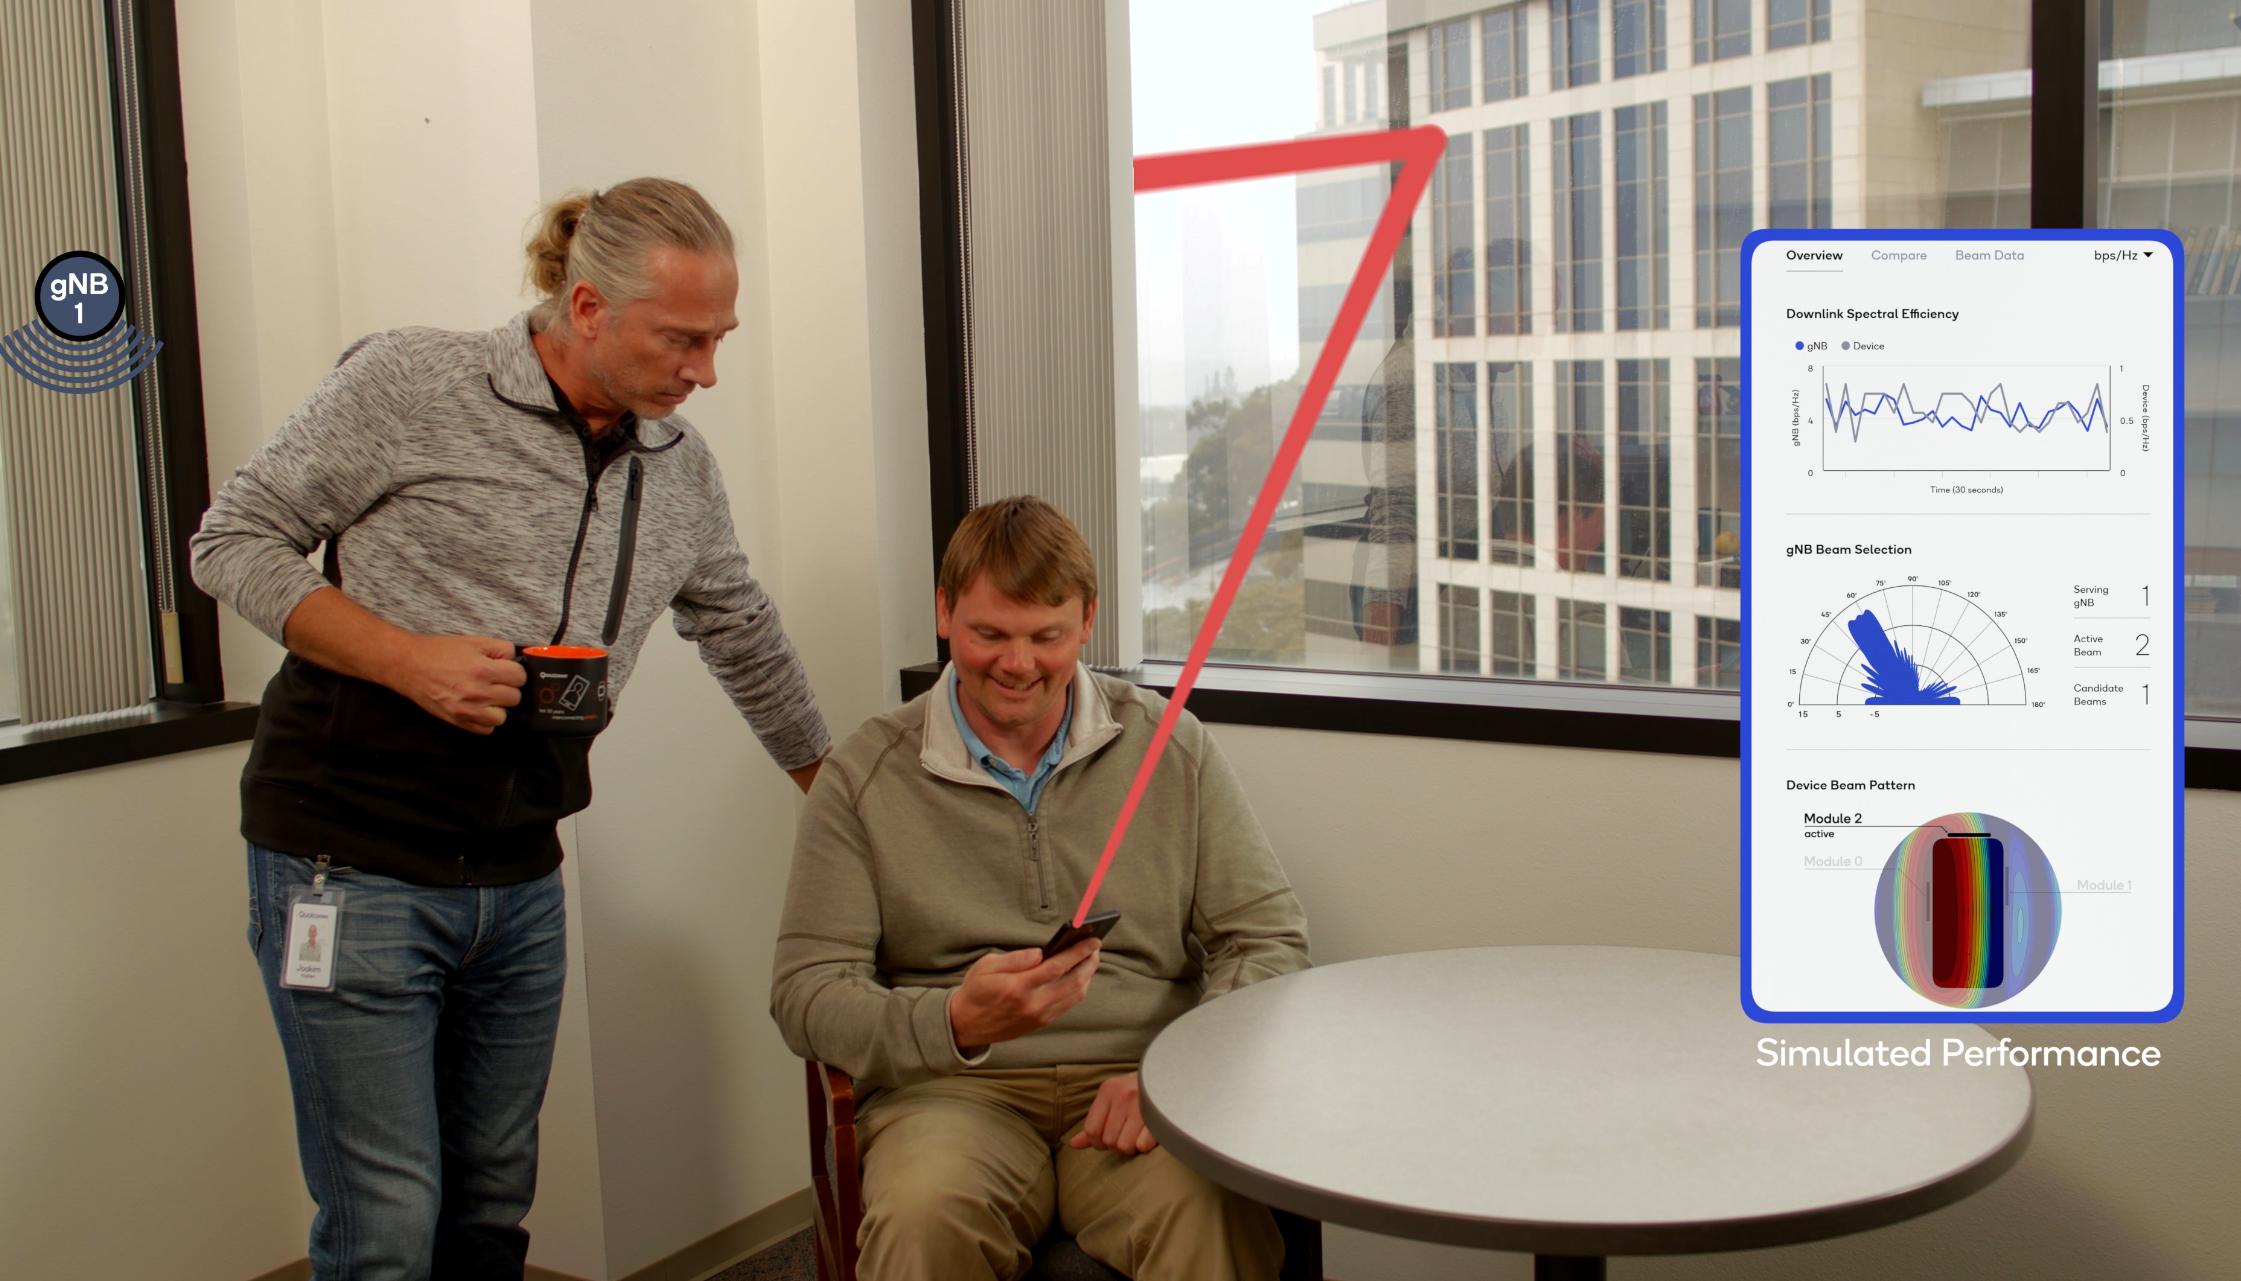 Разбираемся, как 5G будет работать в миллиметровом диапазоне на улице и в помещениях - 16